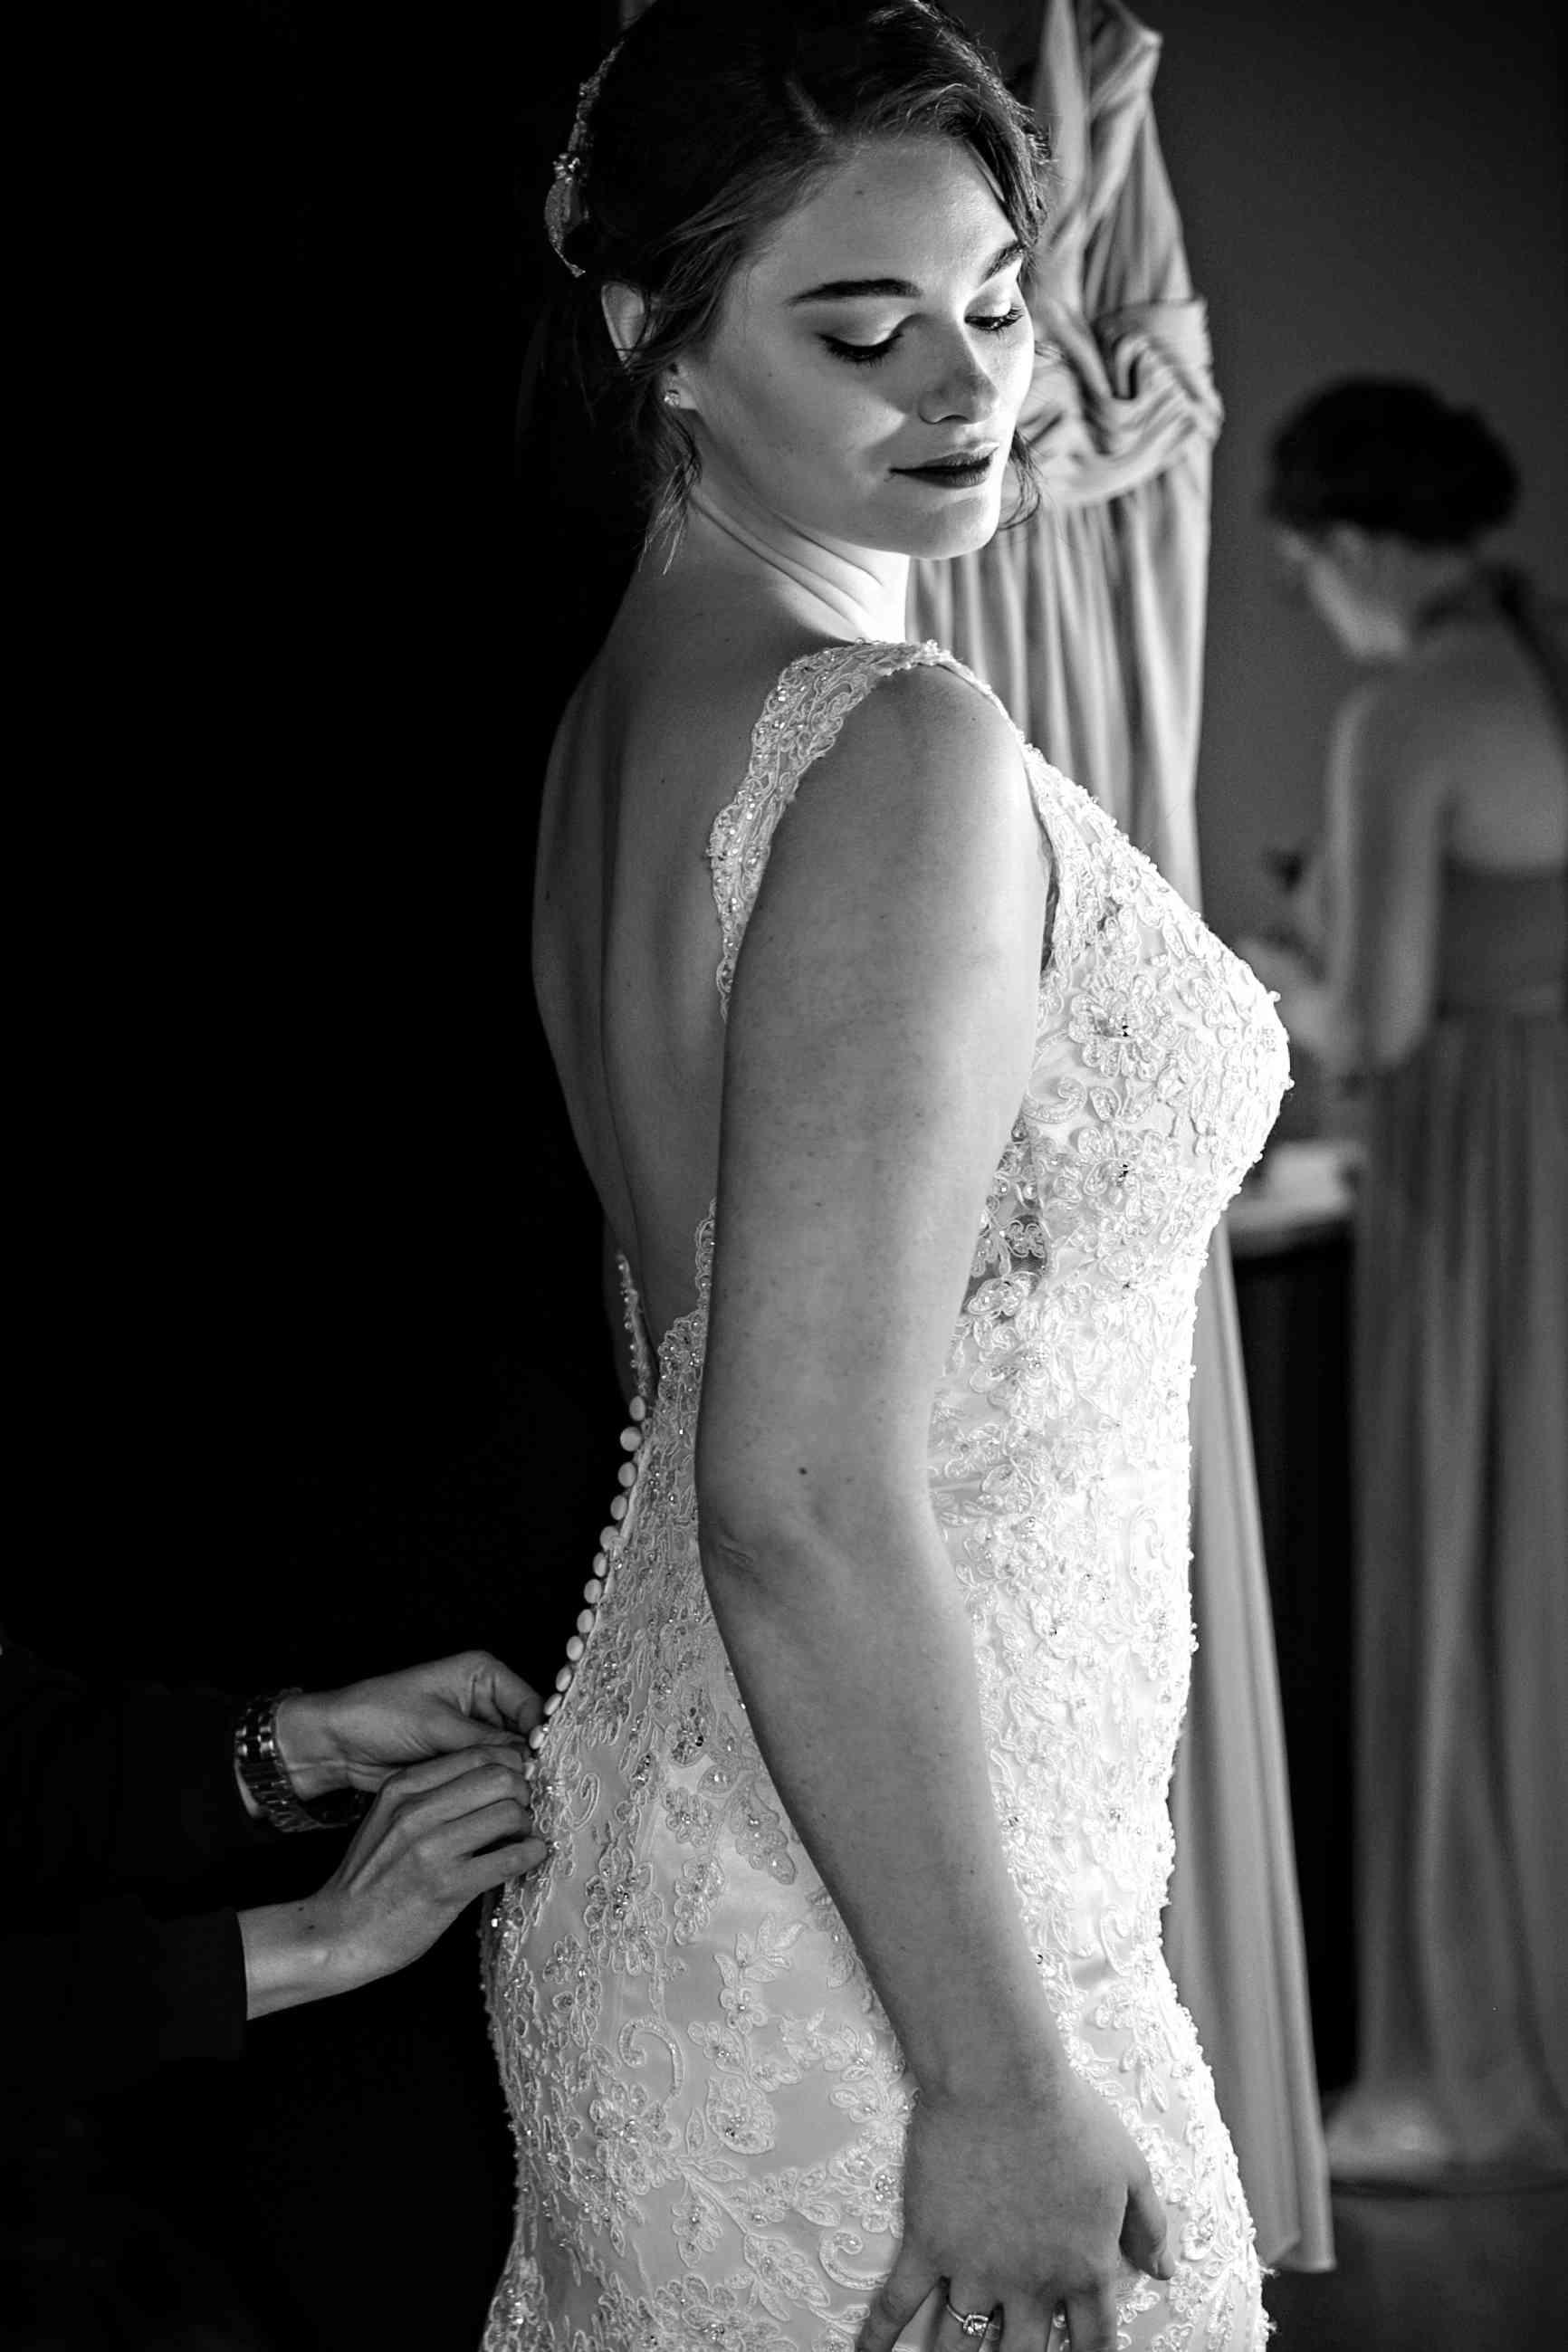 Jennie Runk putting on her wedding gown